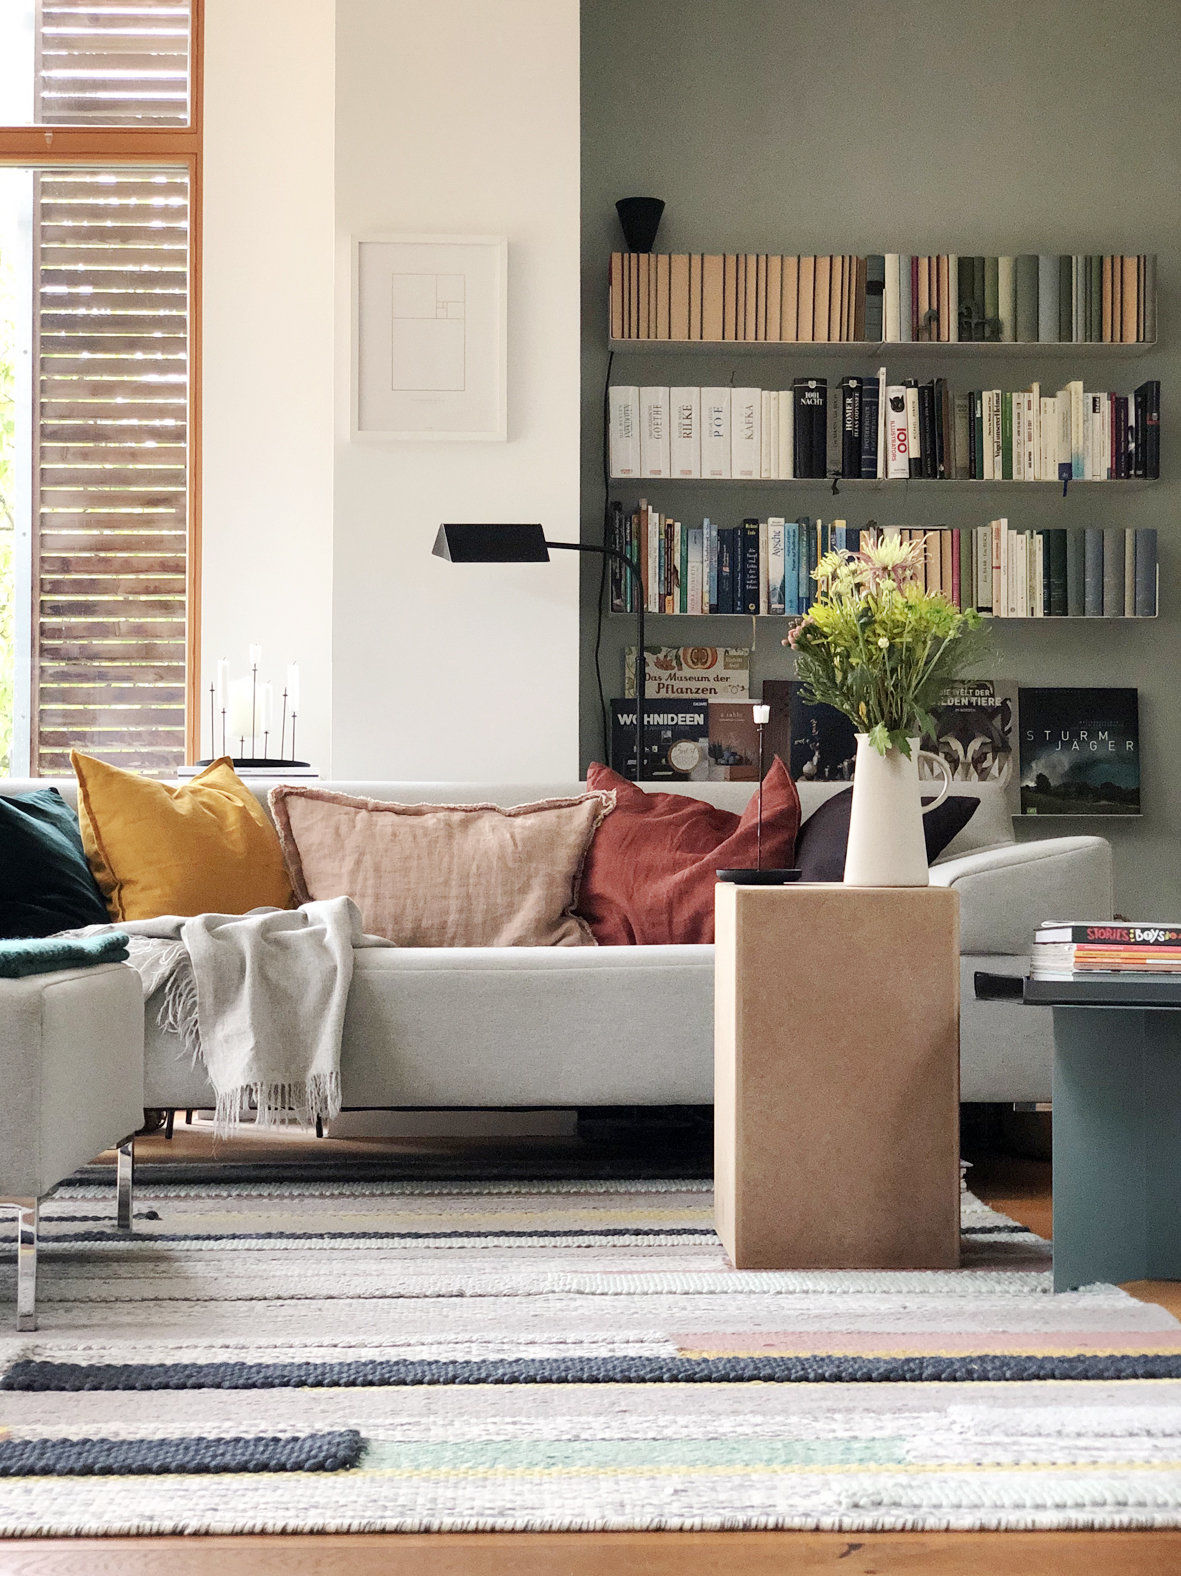 Full Size of Teppich Küche Ikea Schnsten Ideen Fr Teppiche Von Zusammenstellen Werkbank Mischbatterie Miniküche Einbauküche Ohne Kühlschrank Mit Geräten Hängeschrank Wohnzimmer Teppich Küche Ikea